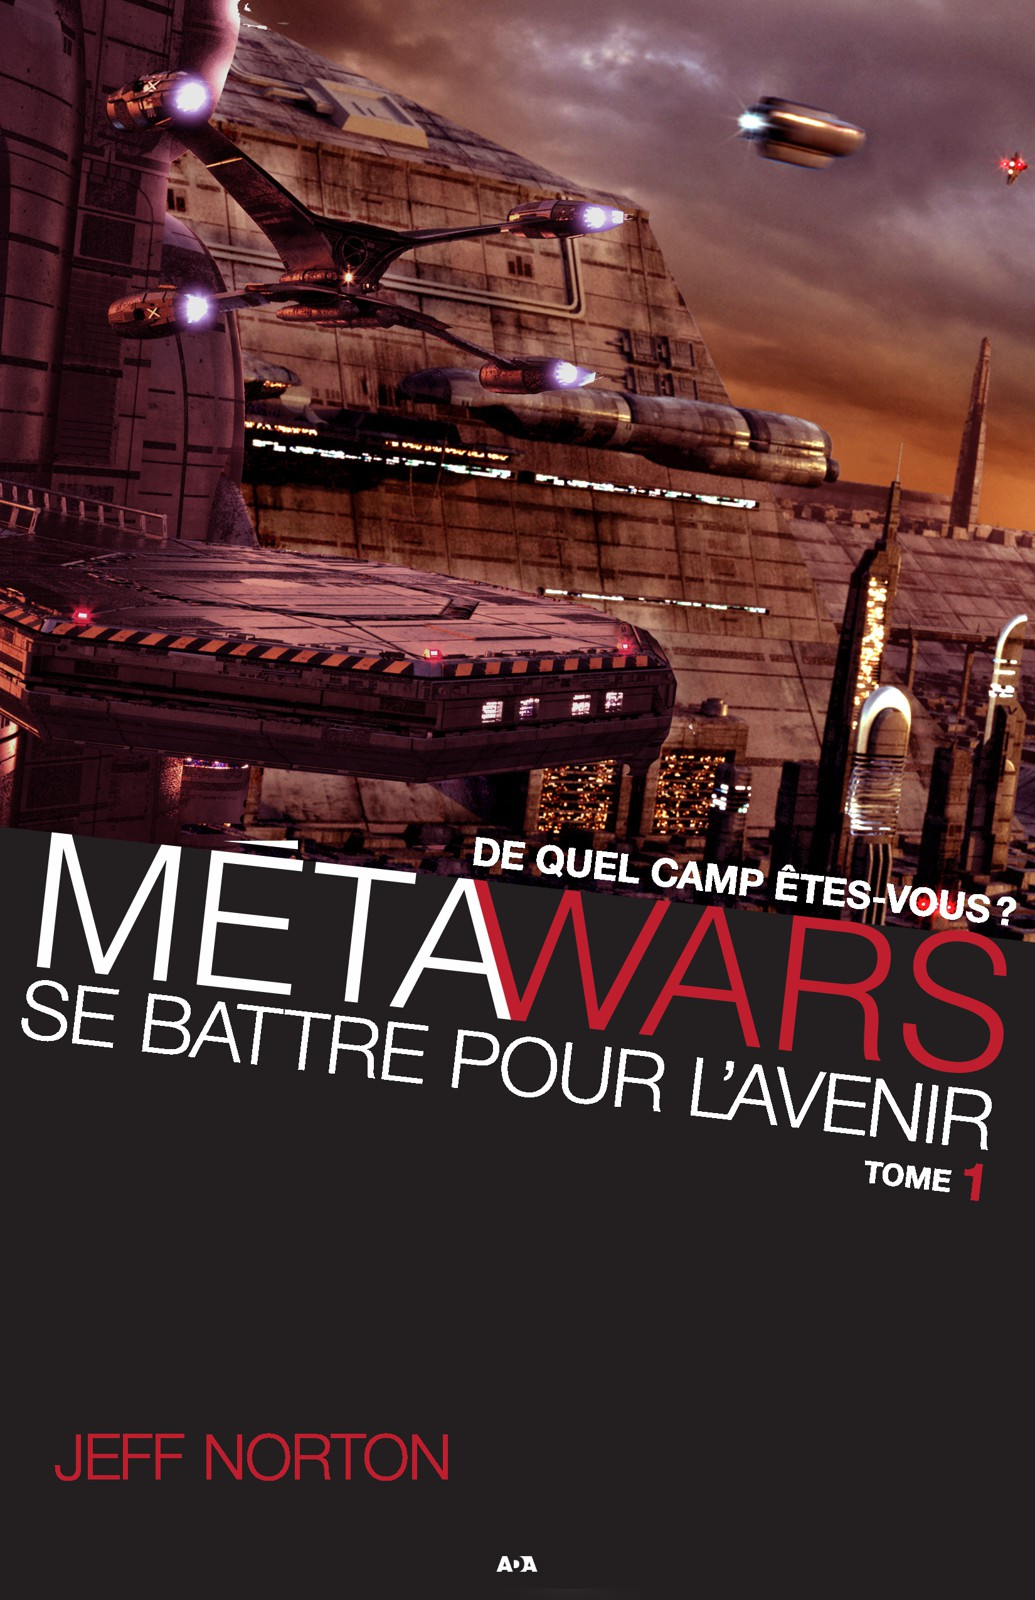 MétaWars